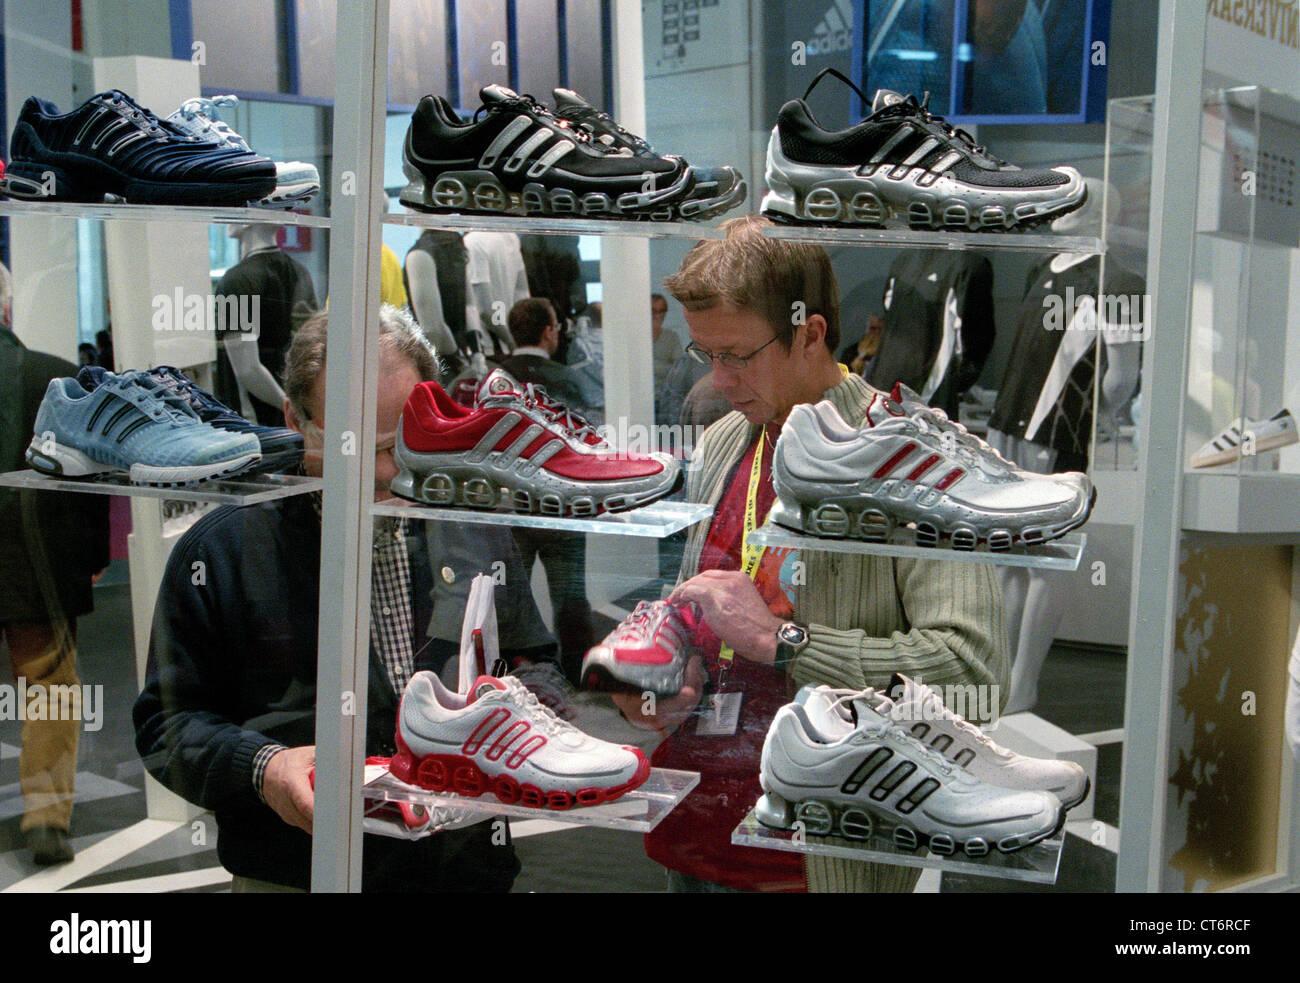 Adidas modelli foto di repertorio & adidas modelli stock immagini alamy